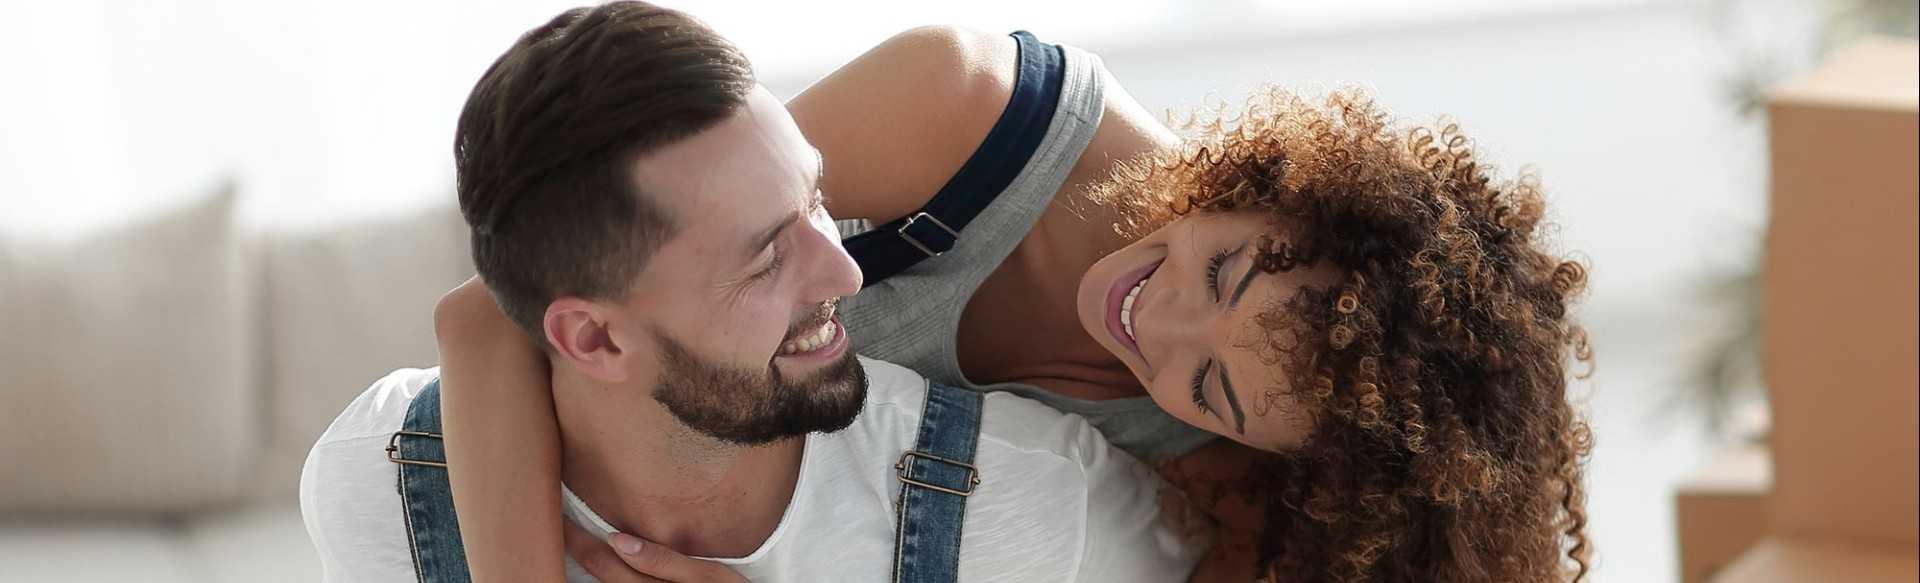 7 dicas para comprar apartamento com o noivo